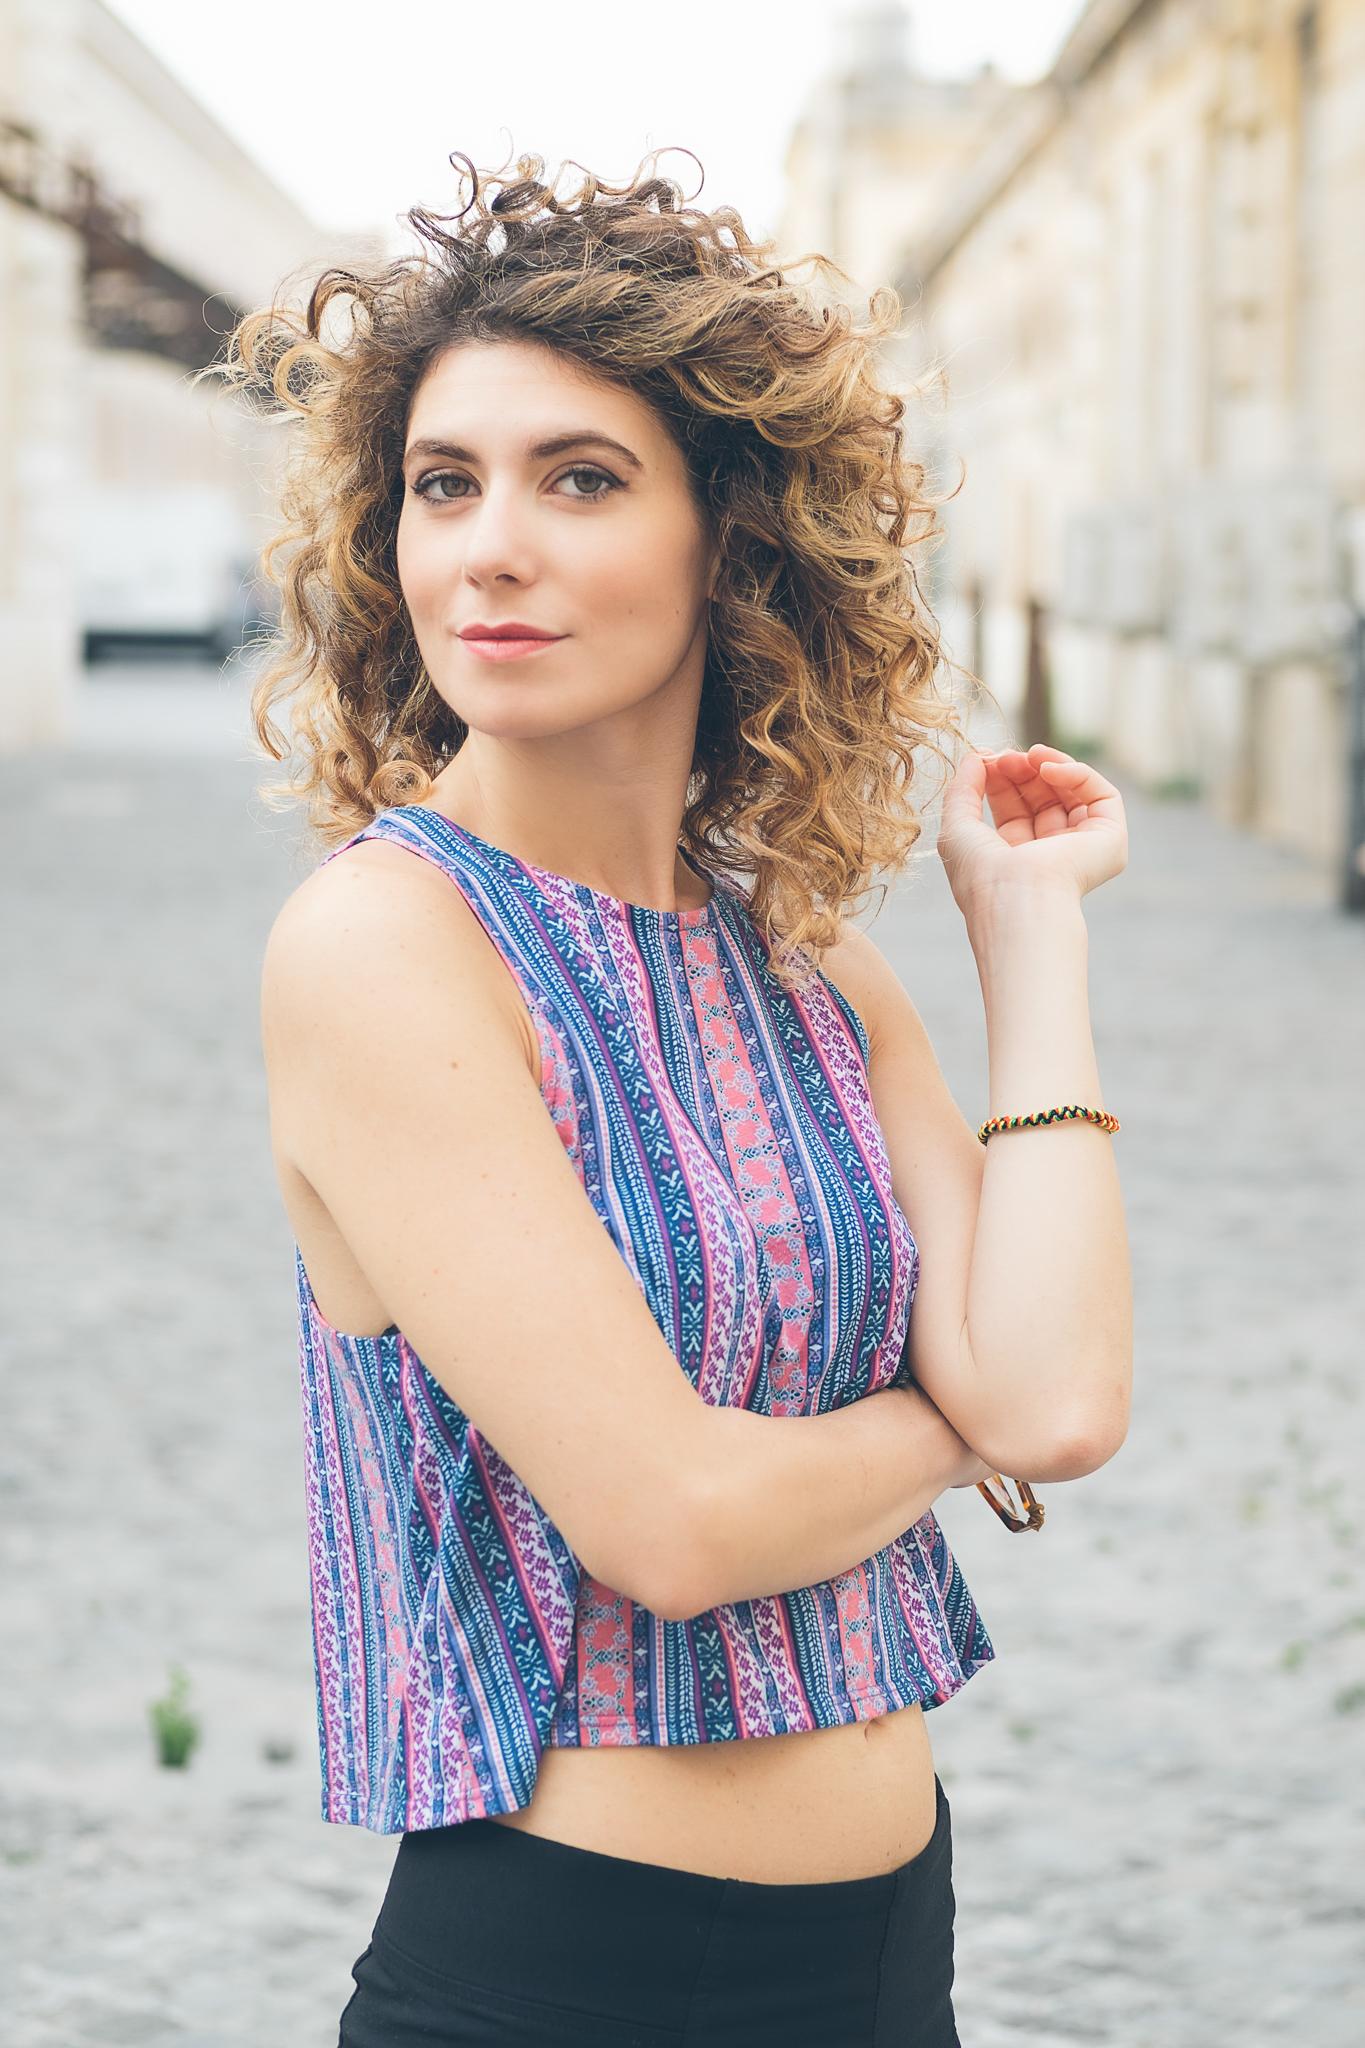 Ritratti_Silvia Quondam (1)